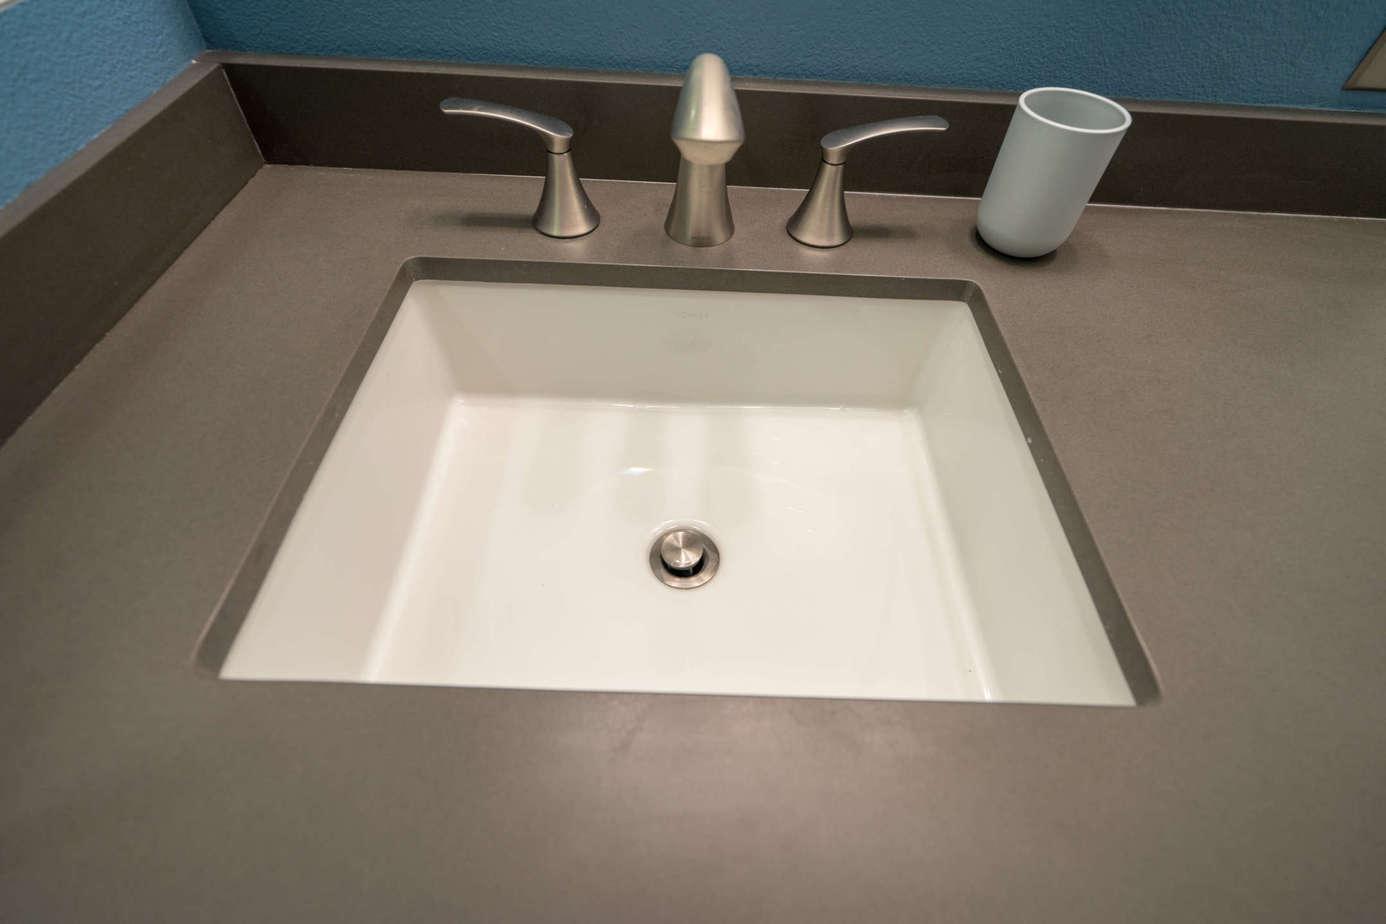 Bathroom Remodeling Contractor san diego bathroom remodel contractor - classic home improvements